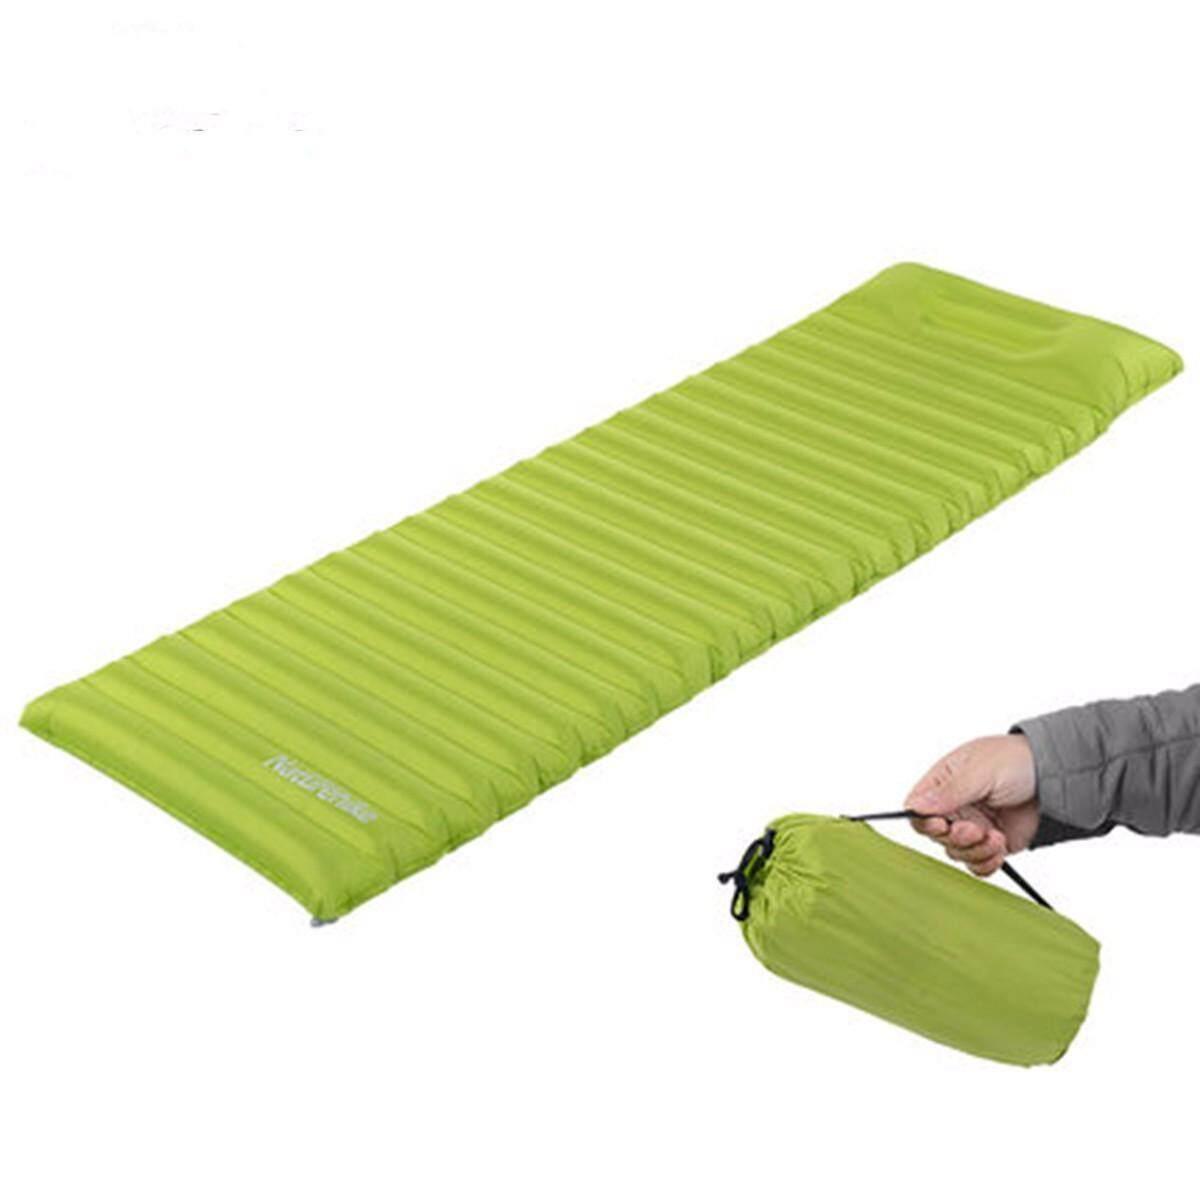 Camtoa Ultra Leicht Aufblasbare Isomatte Luftmatratze Mit Kissen Wasserdicht Camping Zelt Matratze Schwimmbad Luftbett Sleeping Pad Air Bag